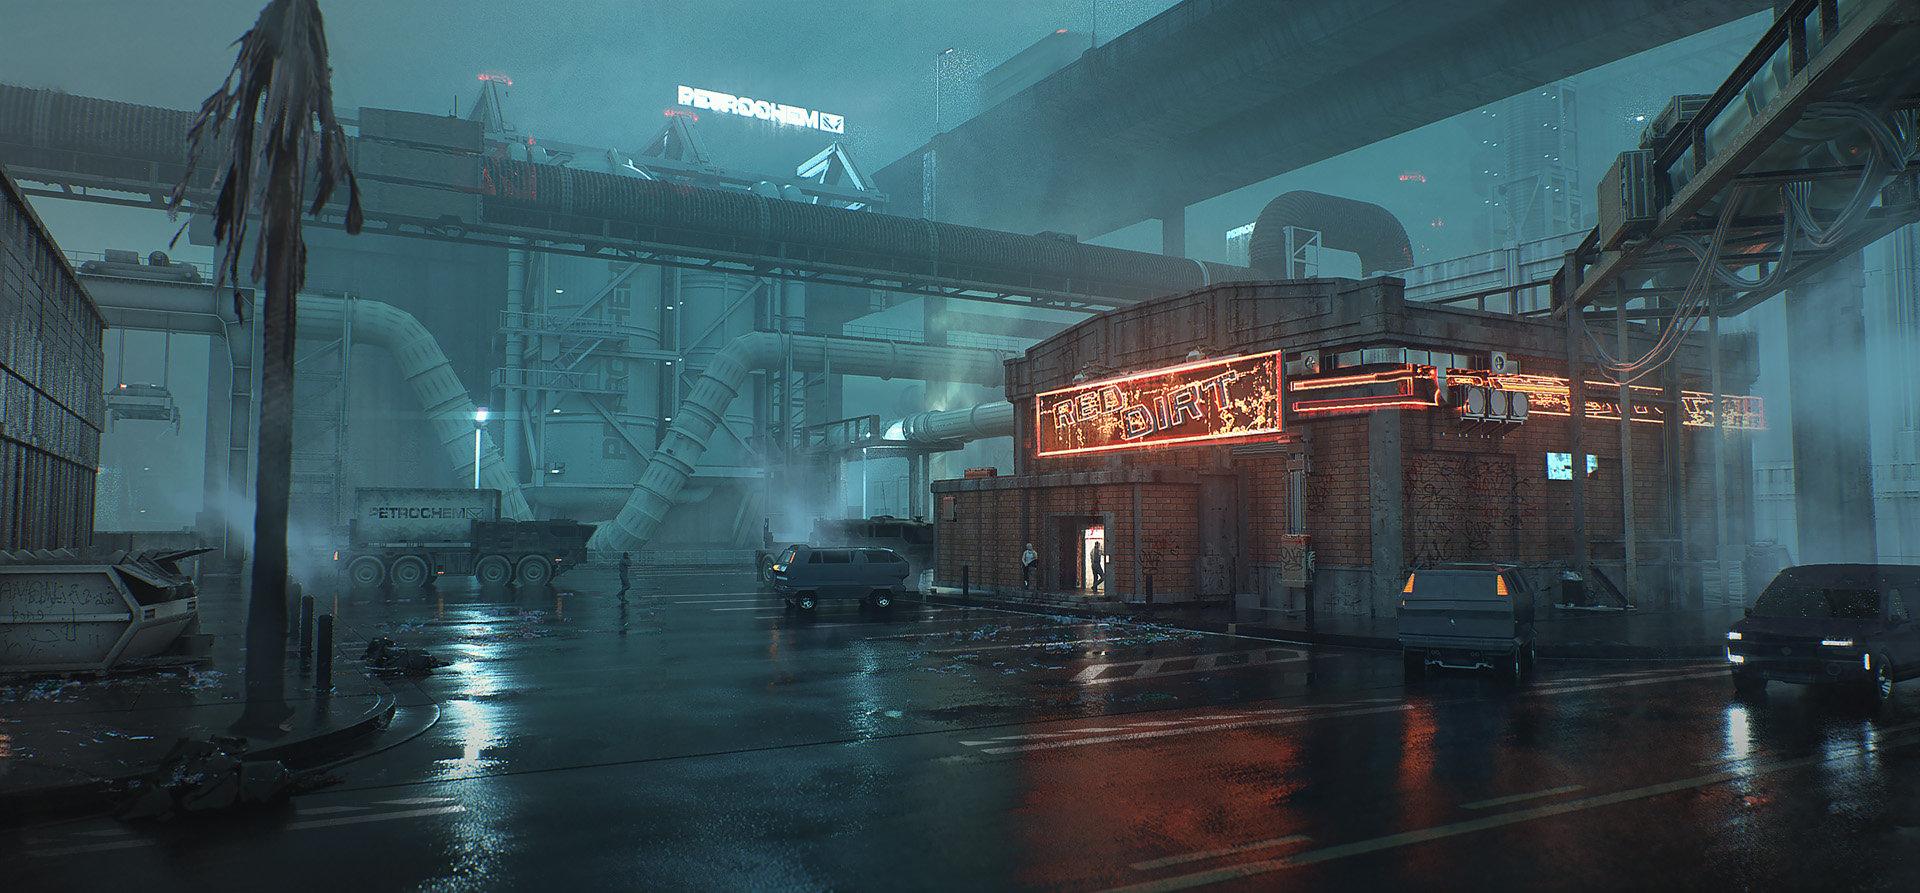 《赛博朋克2077》新截图 帮派盘踞的穷街恶巷沃森